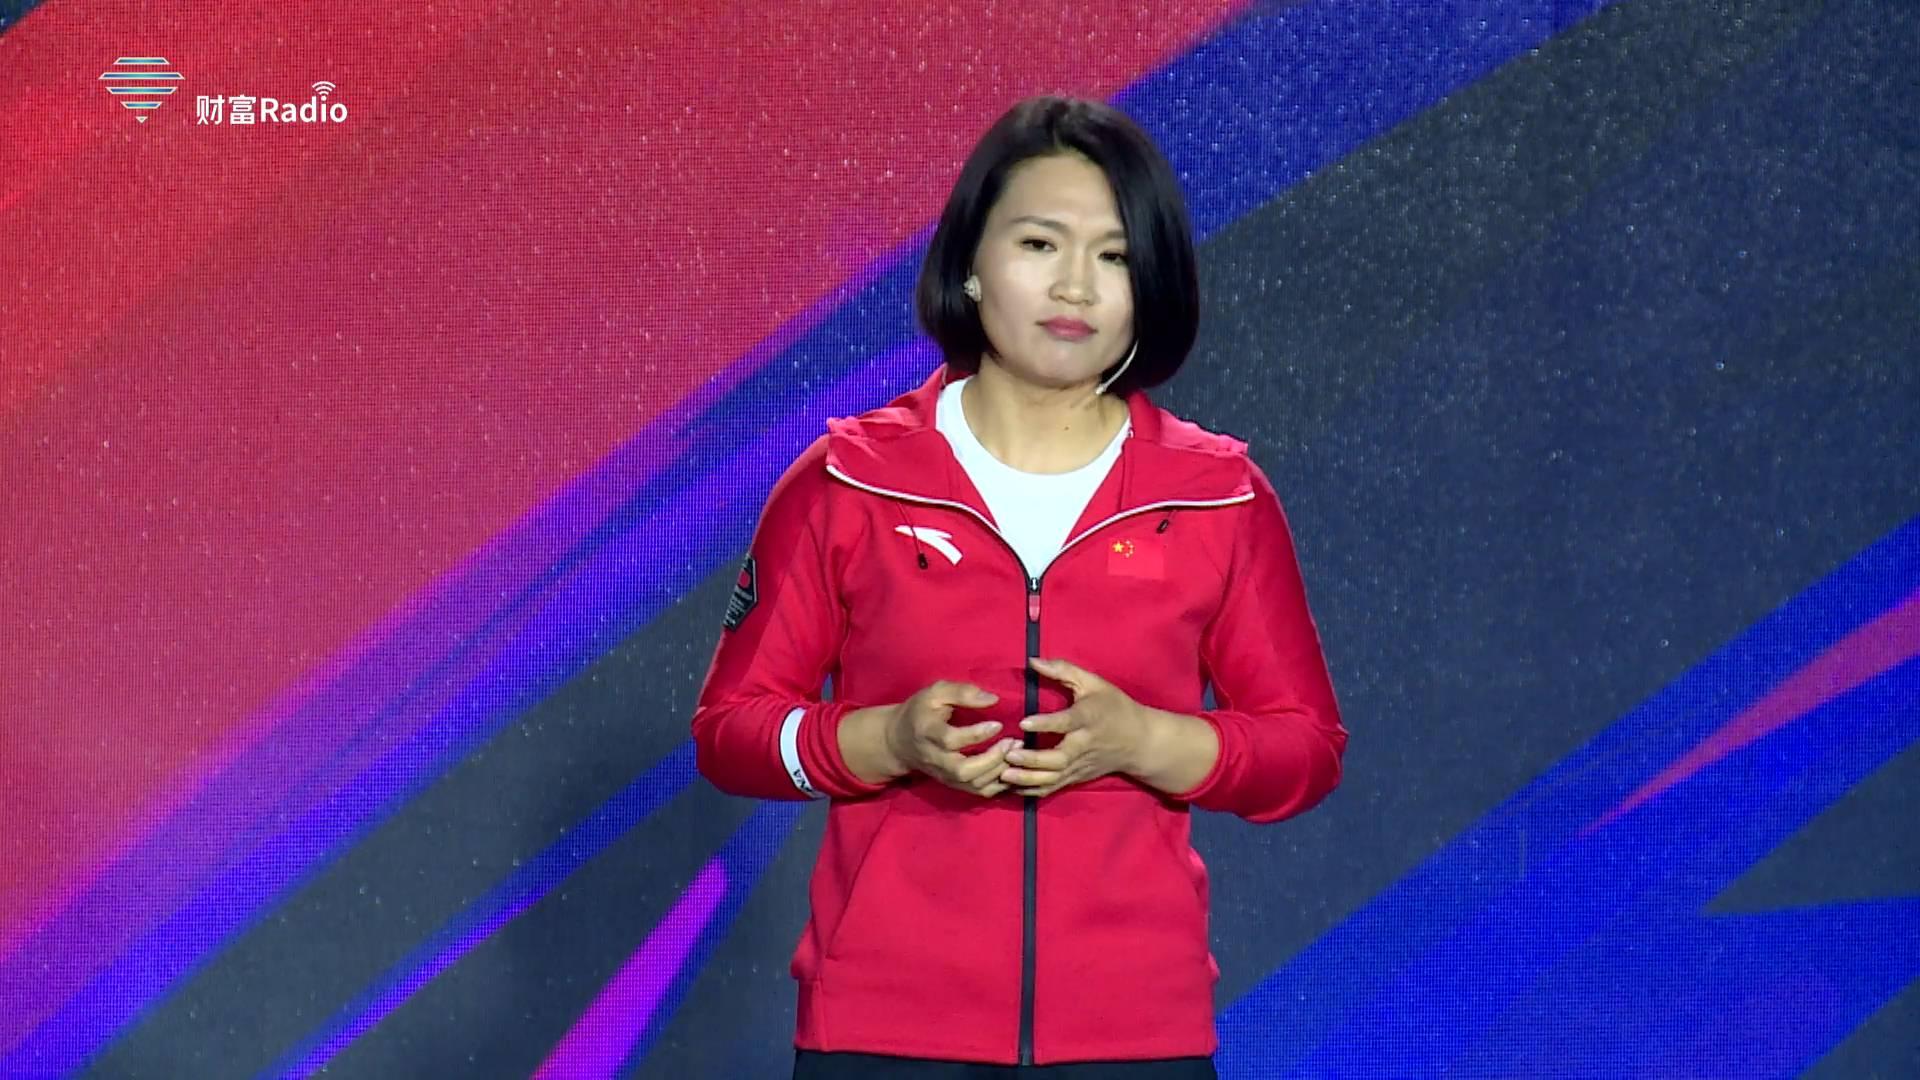 退役多年如今满满少女感,举重奥运冠军林伟宁减肥健身秘籍送给你